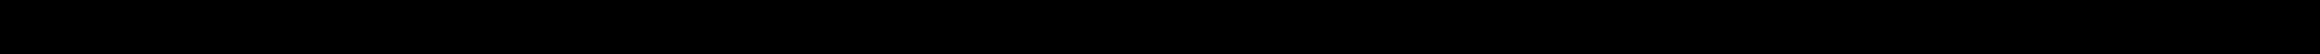 MANN-FILTER 97133-2E260AT, 97133-G2000, 97133-0Z000, 97133 F2100, 97133 G2000 Kabineluftfilter